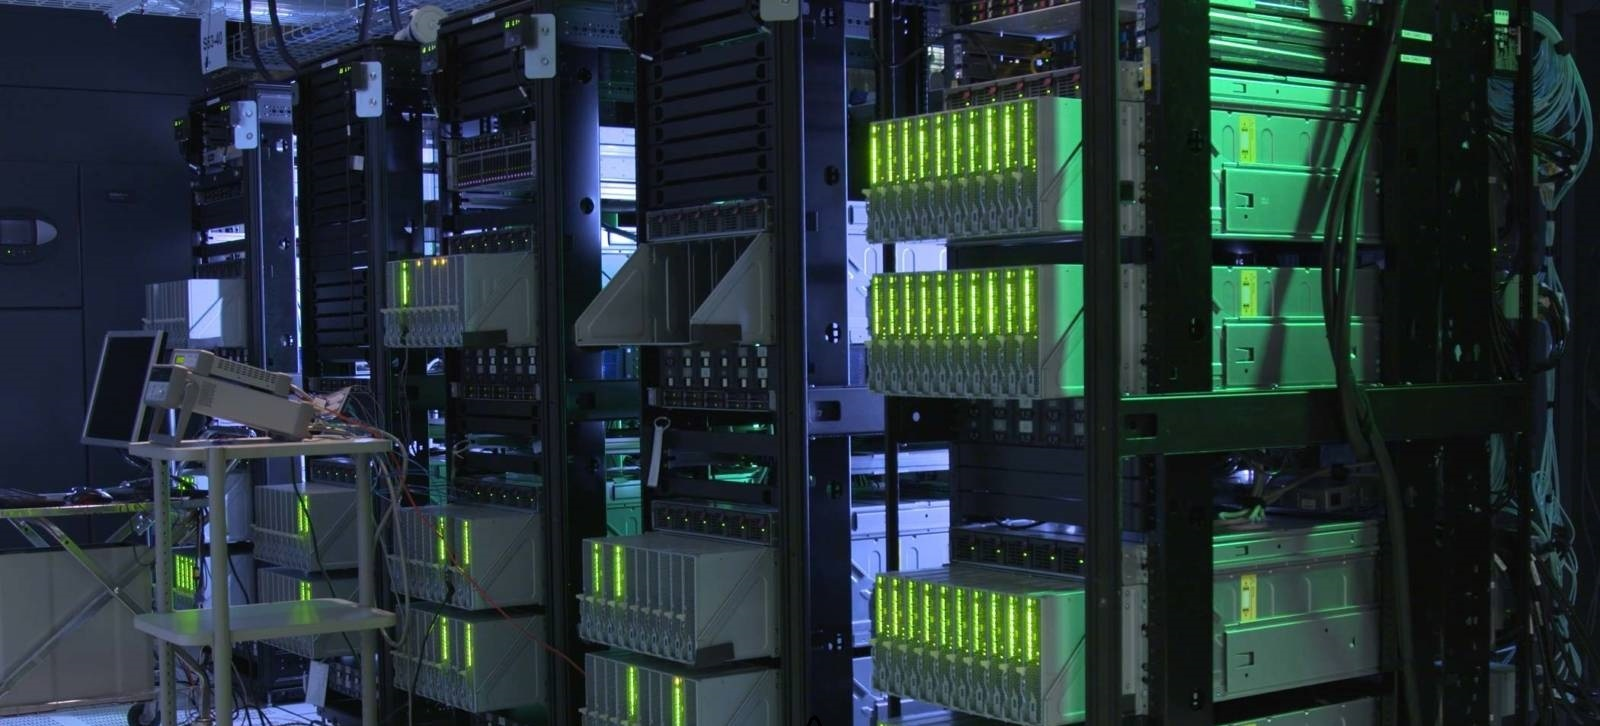 The Machine и экзафлопсные вычисления для эры Big Data - 1